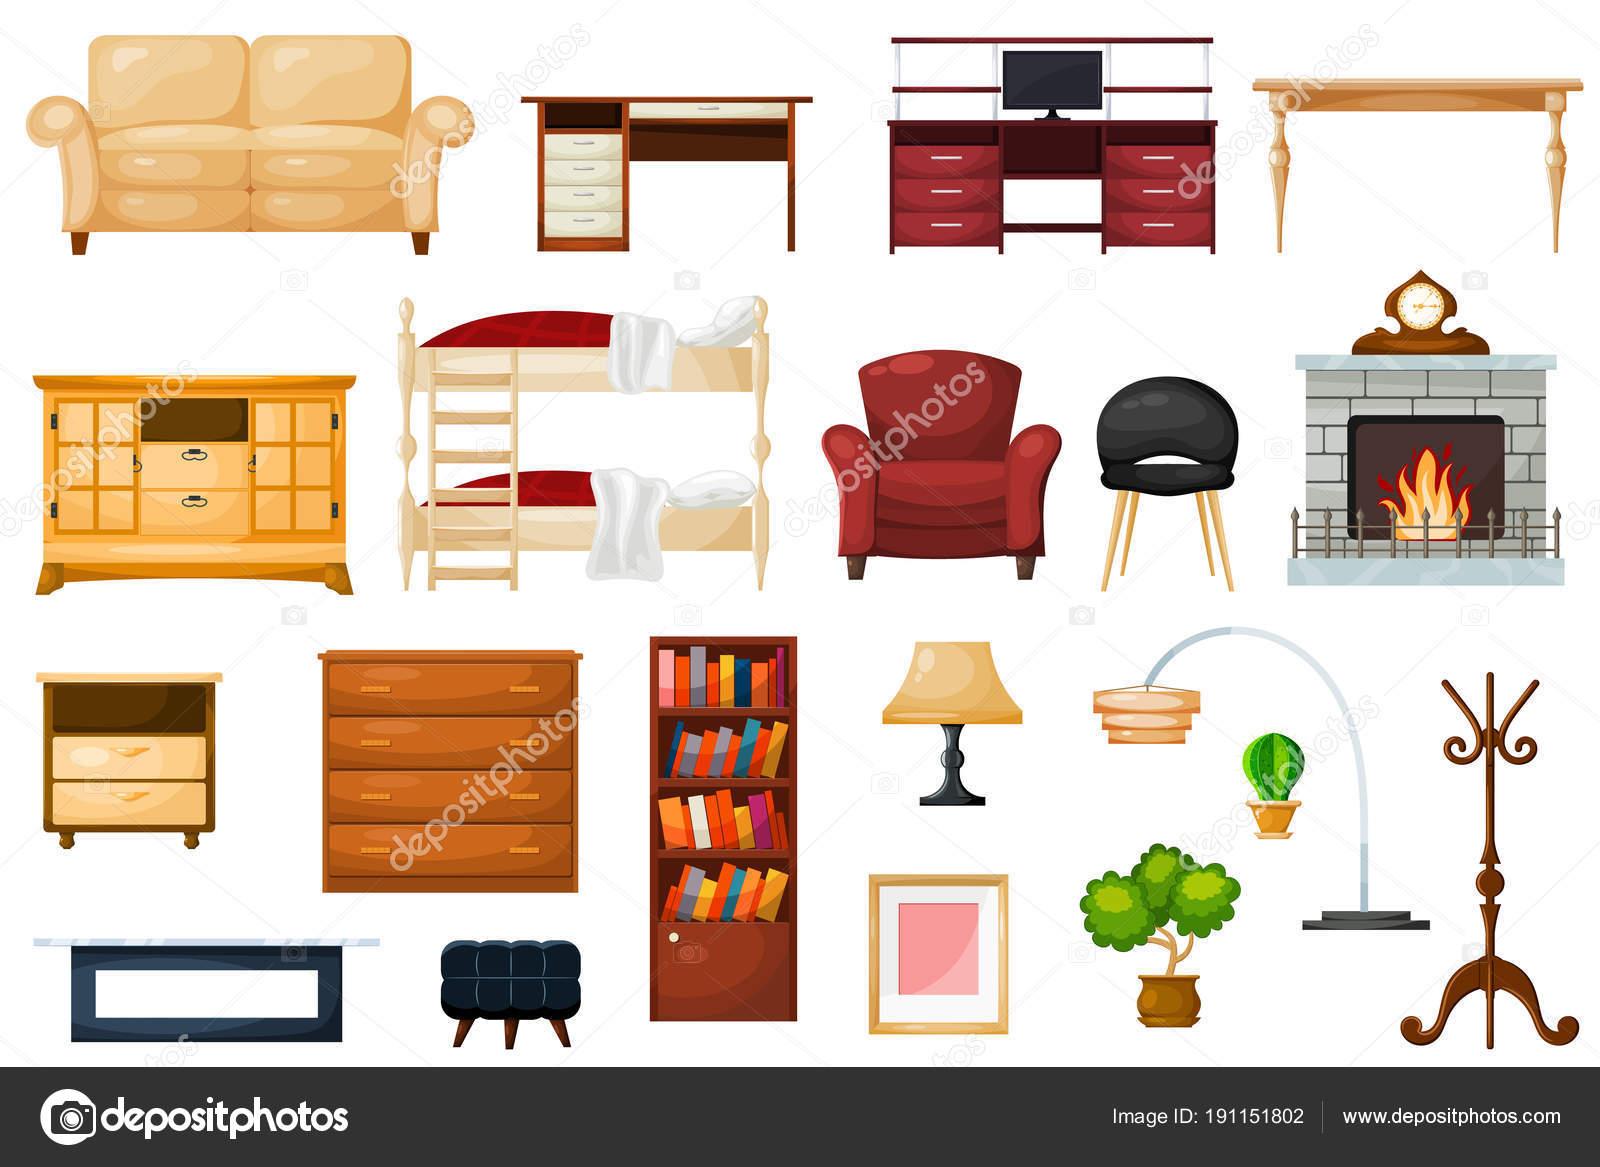 Vektor Möbel Möbeldesign Aus Wohnzimmer Und Eingerichteten Interieur In  Wohnung Satz Von Couchtisch Mit Schubladen,